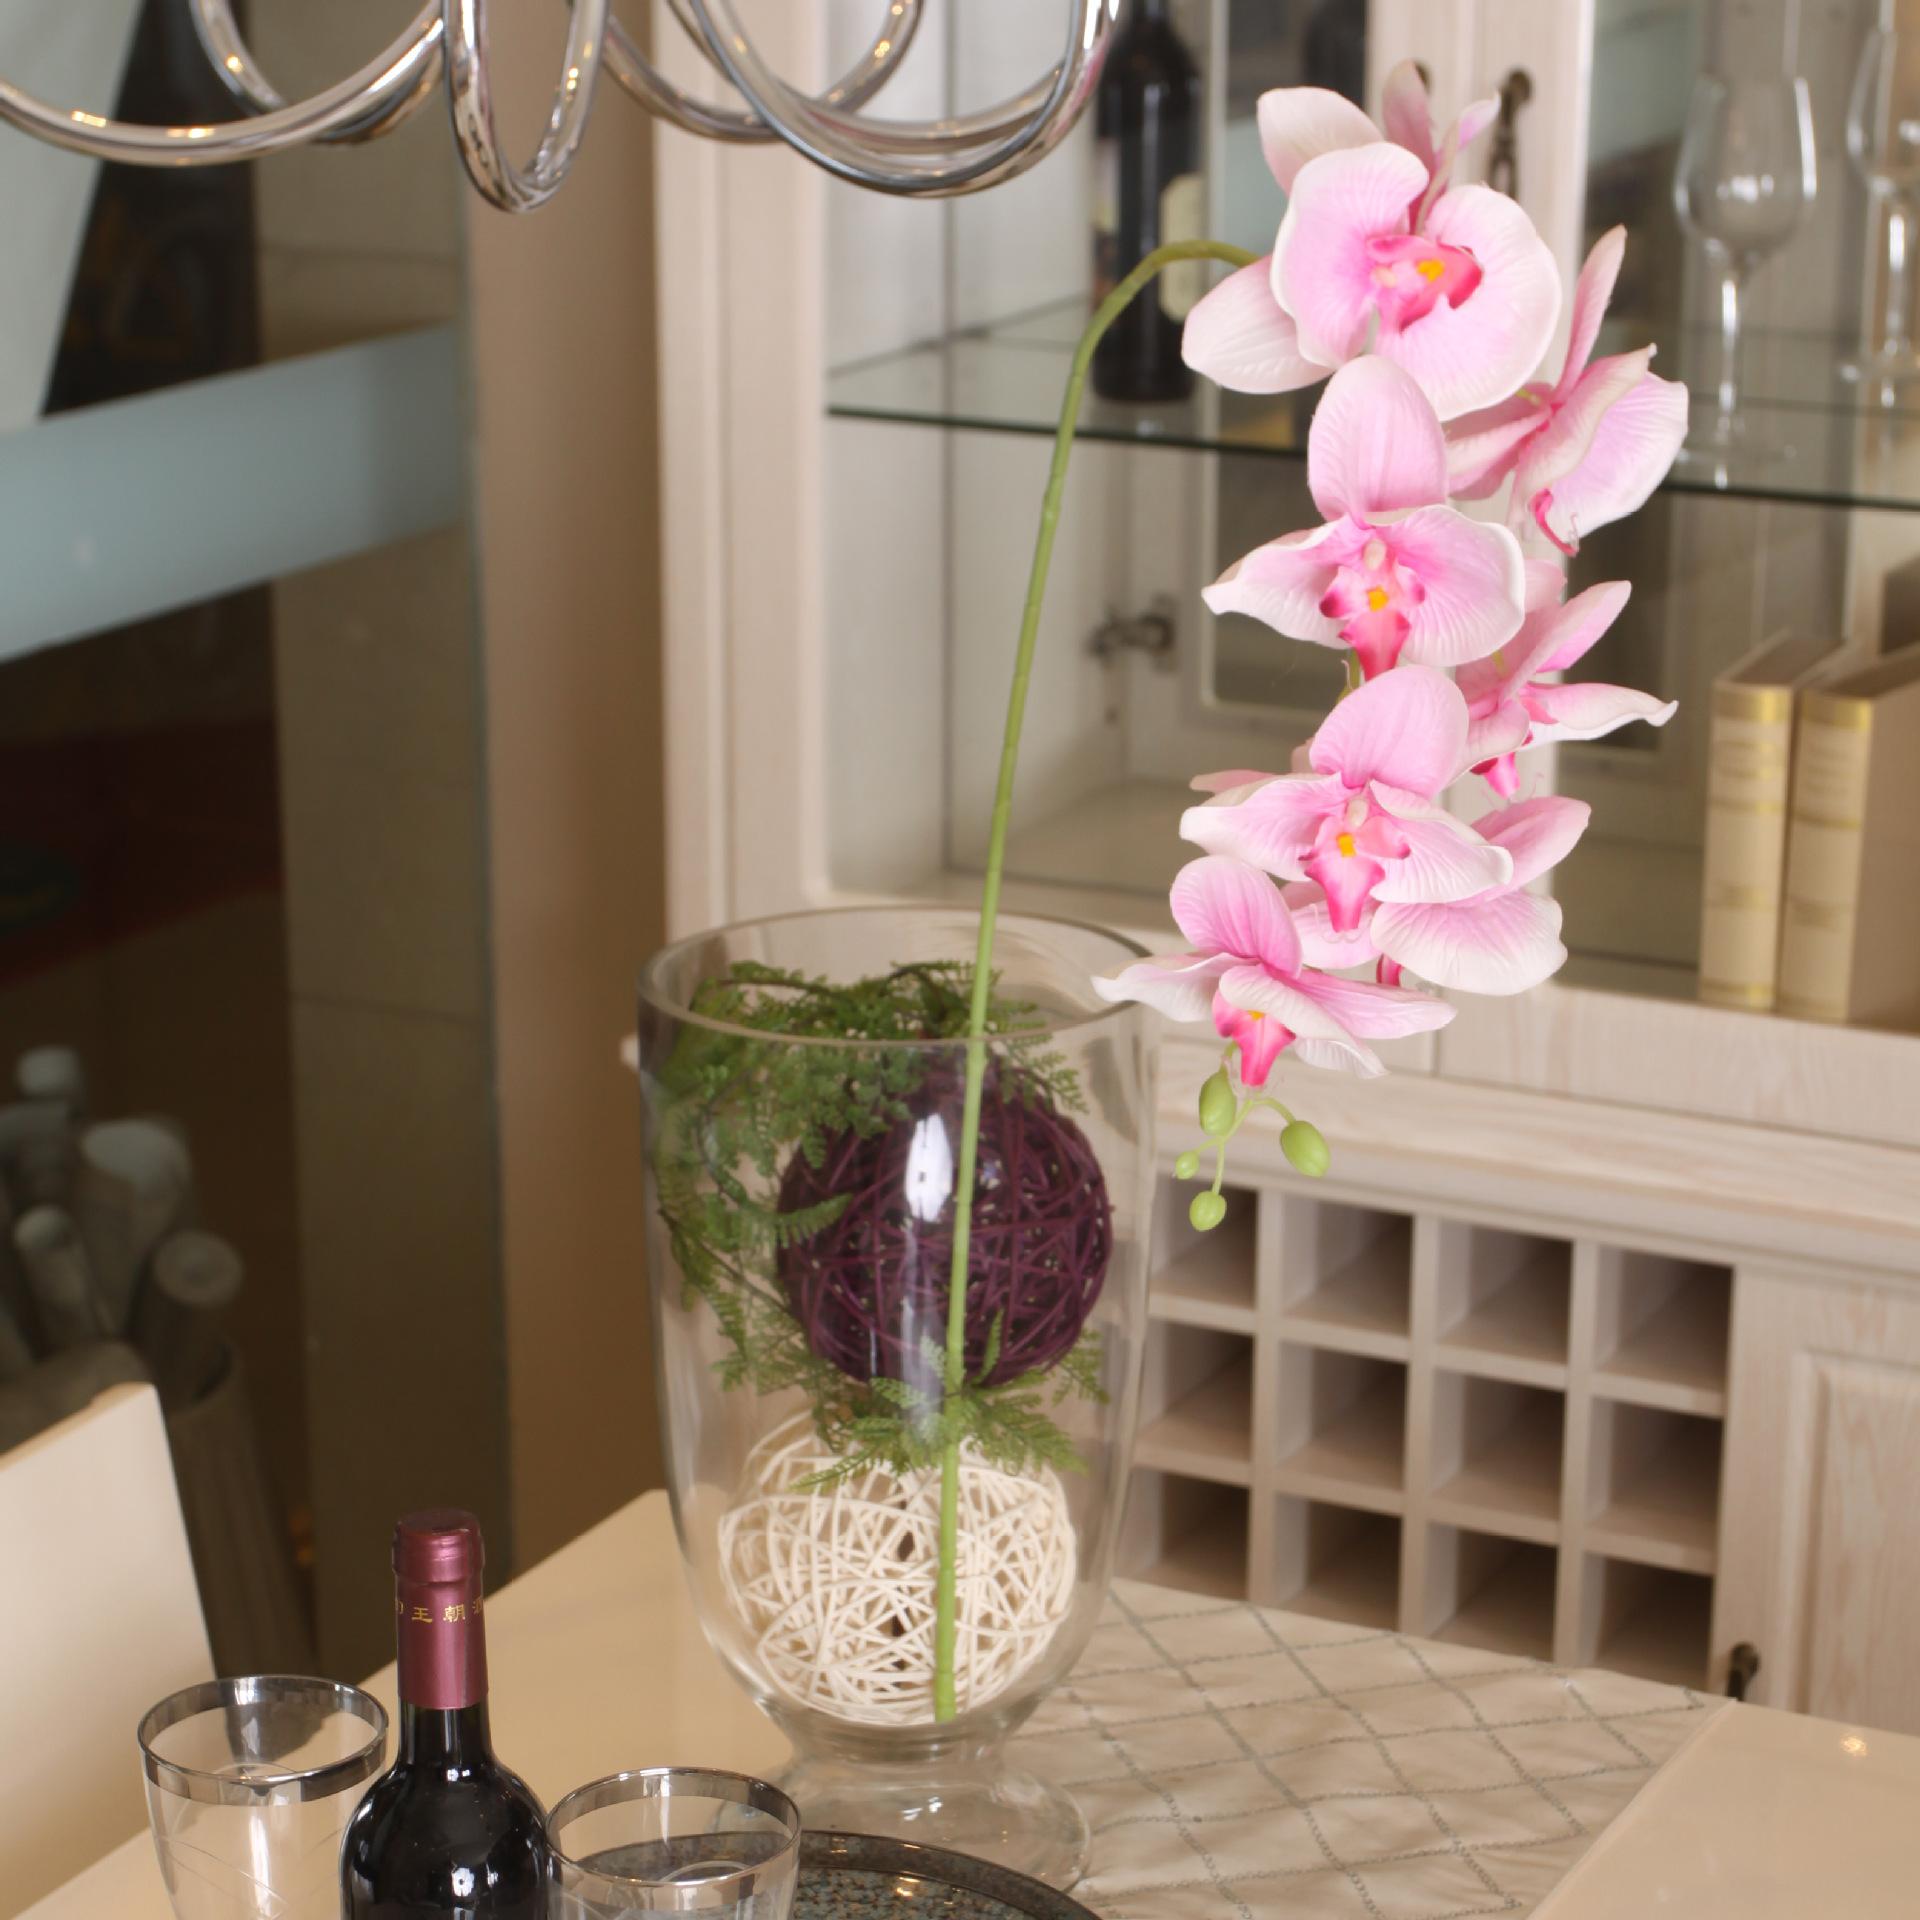 高仿真大八头蝴蝶兰假花塑料花厂家直销 婚庆家具装饰花卉